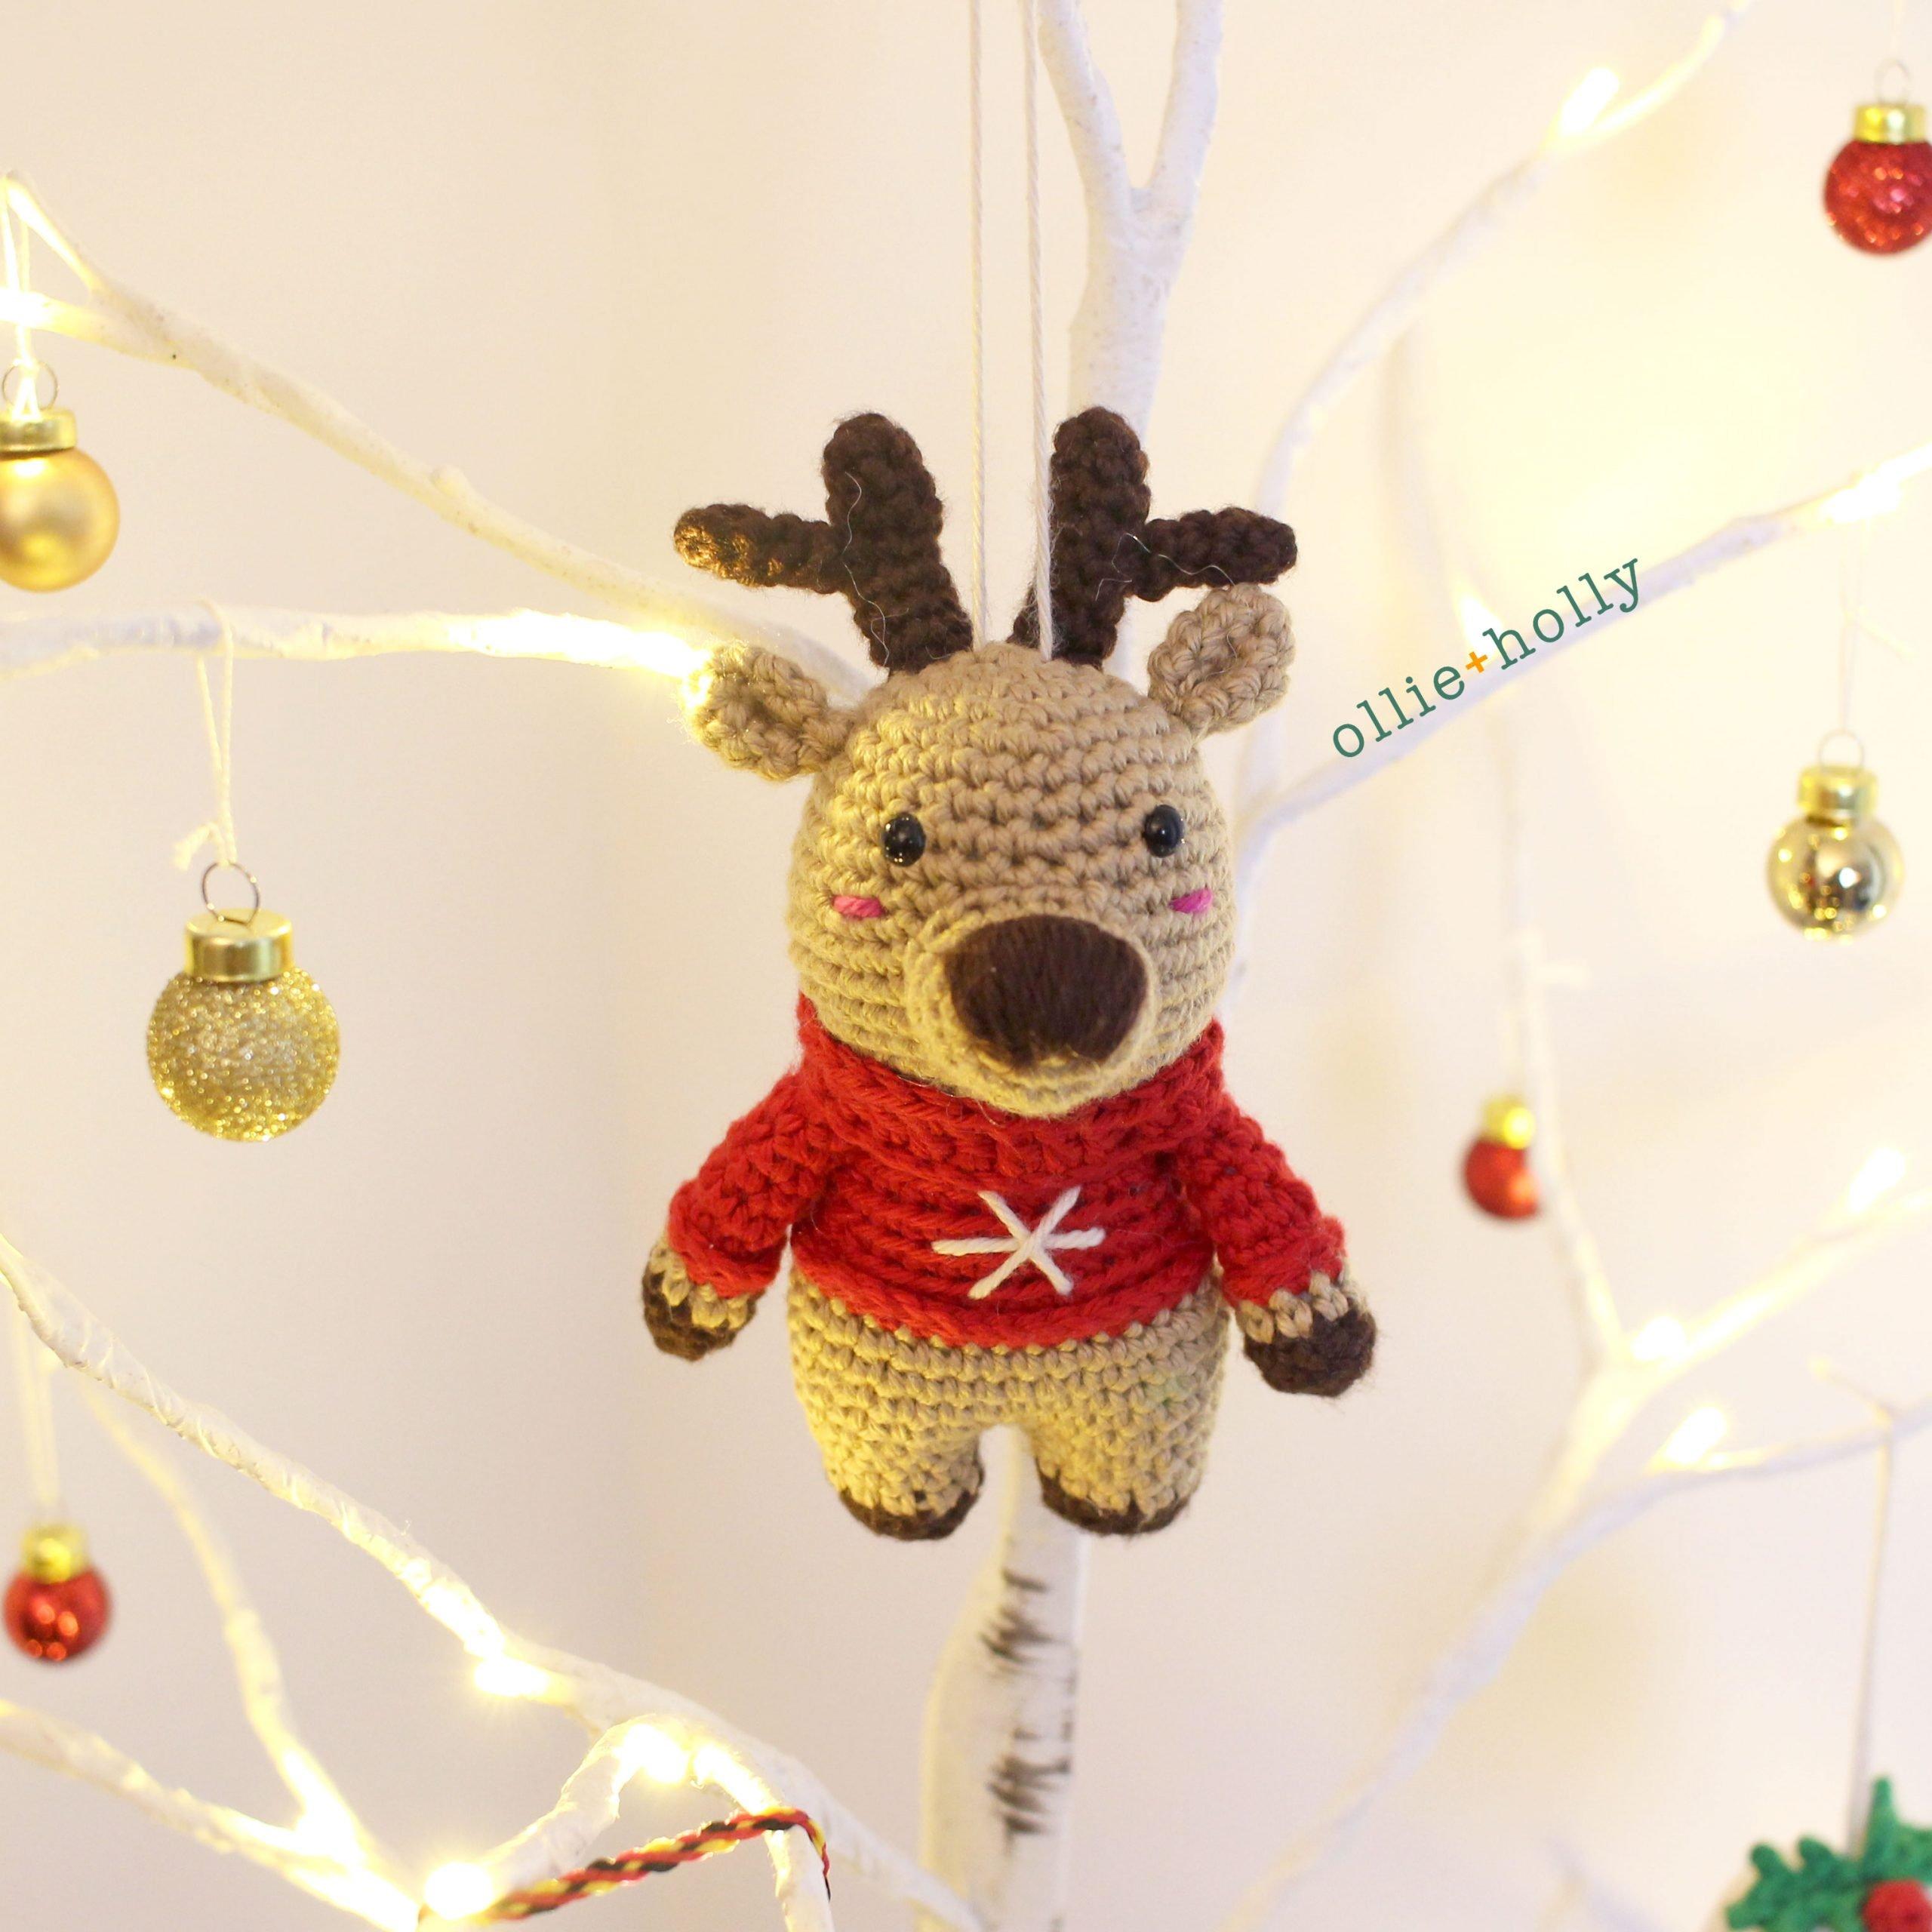 Small reindeer amigurumi pattern - Amigurumi Today   2560x2560